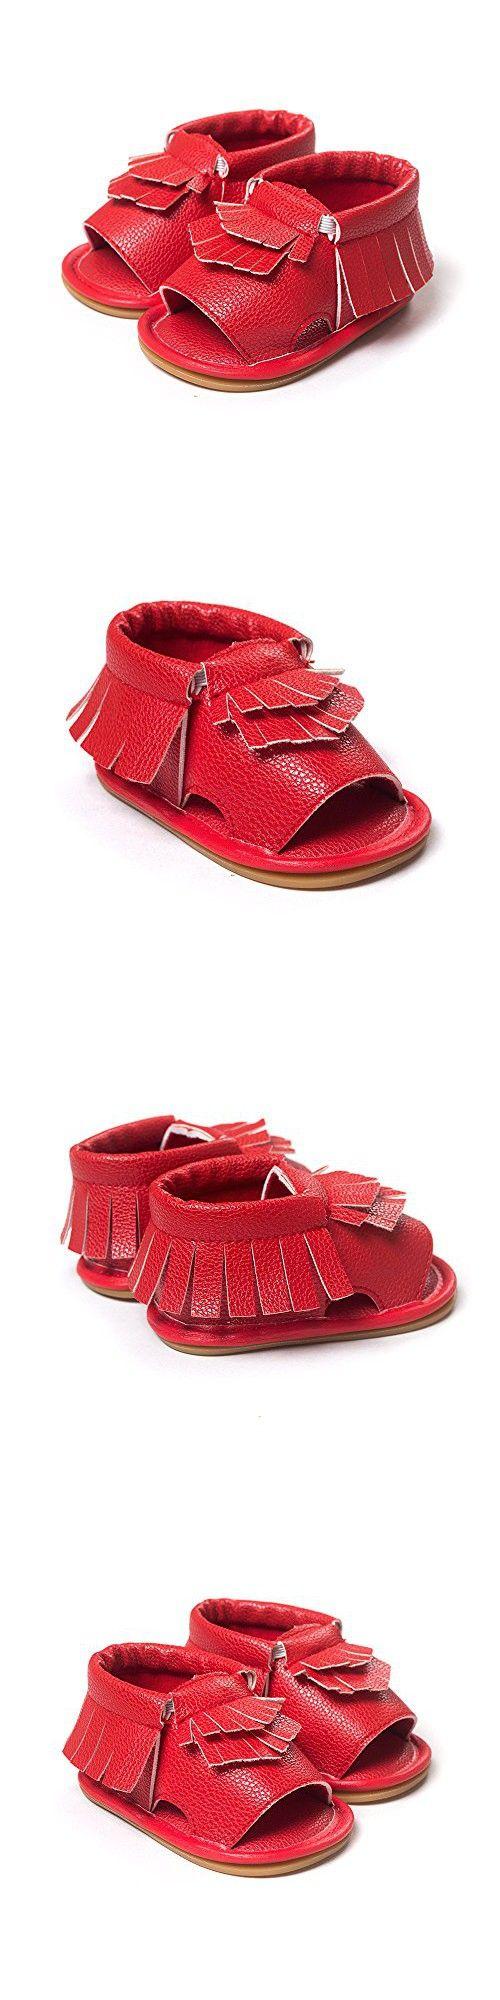 QGAKAGO(TM) Infant Baby New Mocassins Premium Anti-Slip Soft Sole Tassels Summer Prewalker Toddler Sandals (M: 6~9 months, Red )